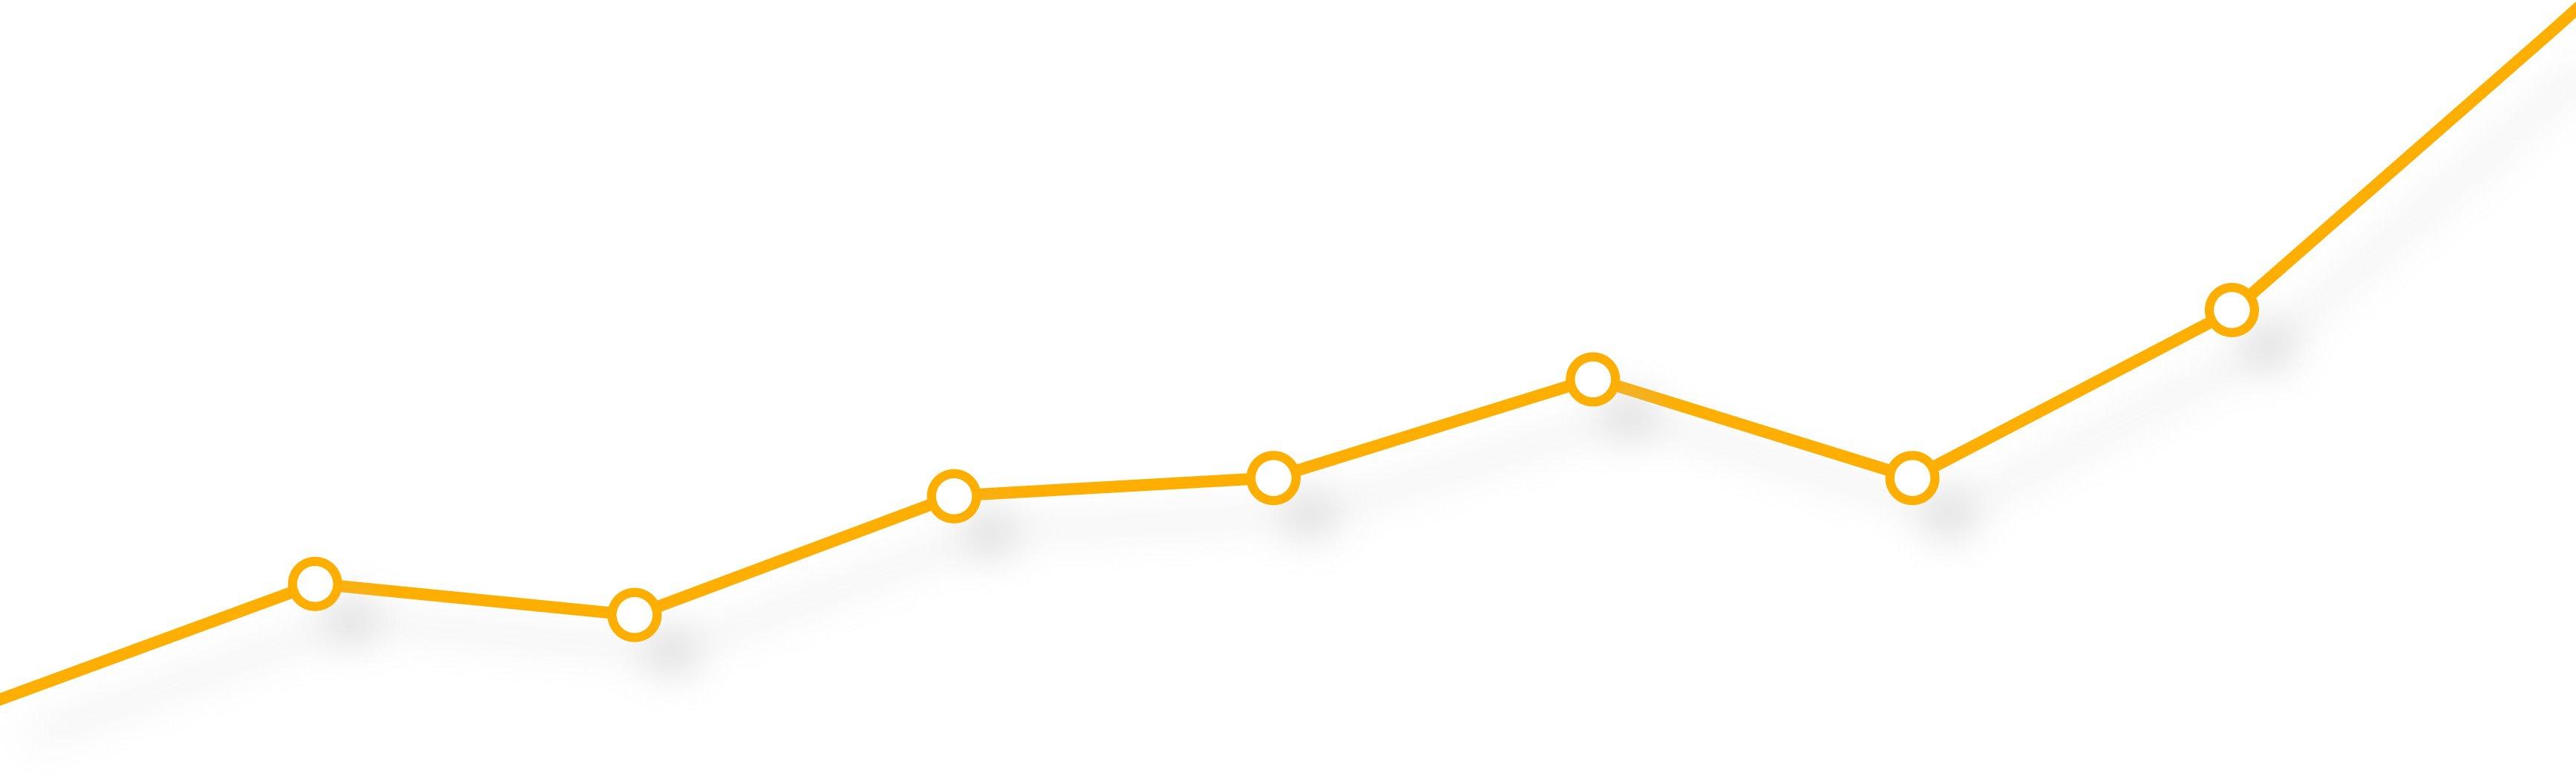 Reykjavík Search Engine Optimization